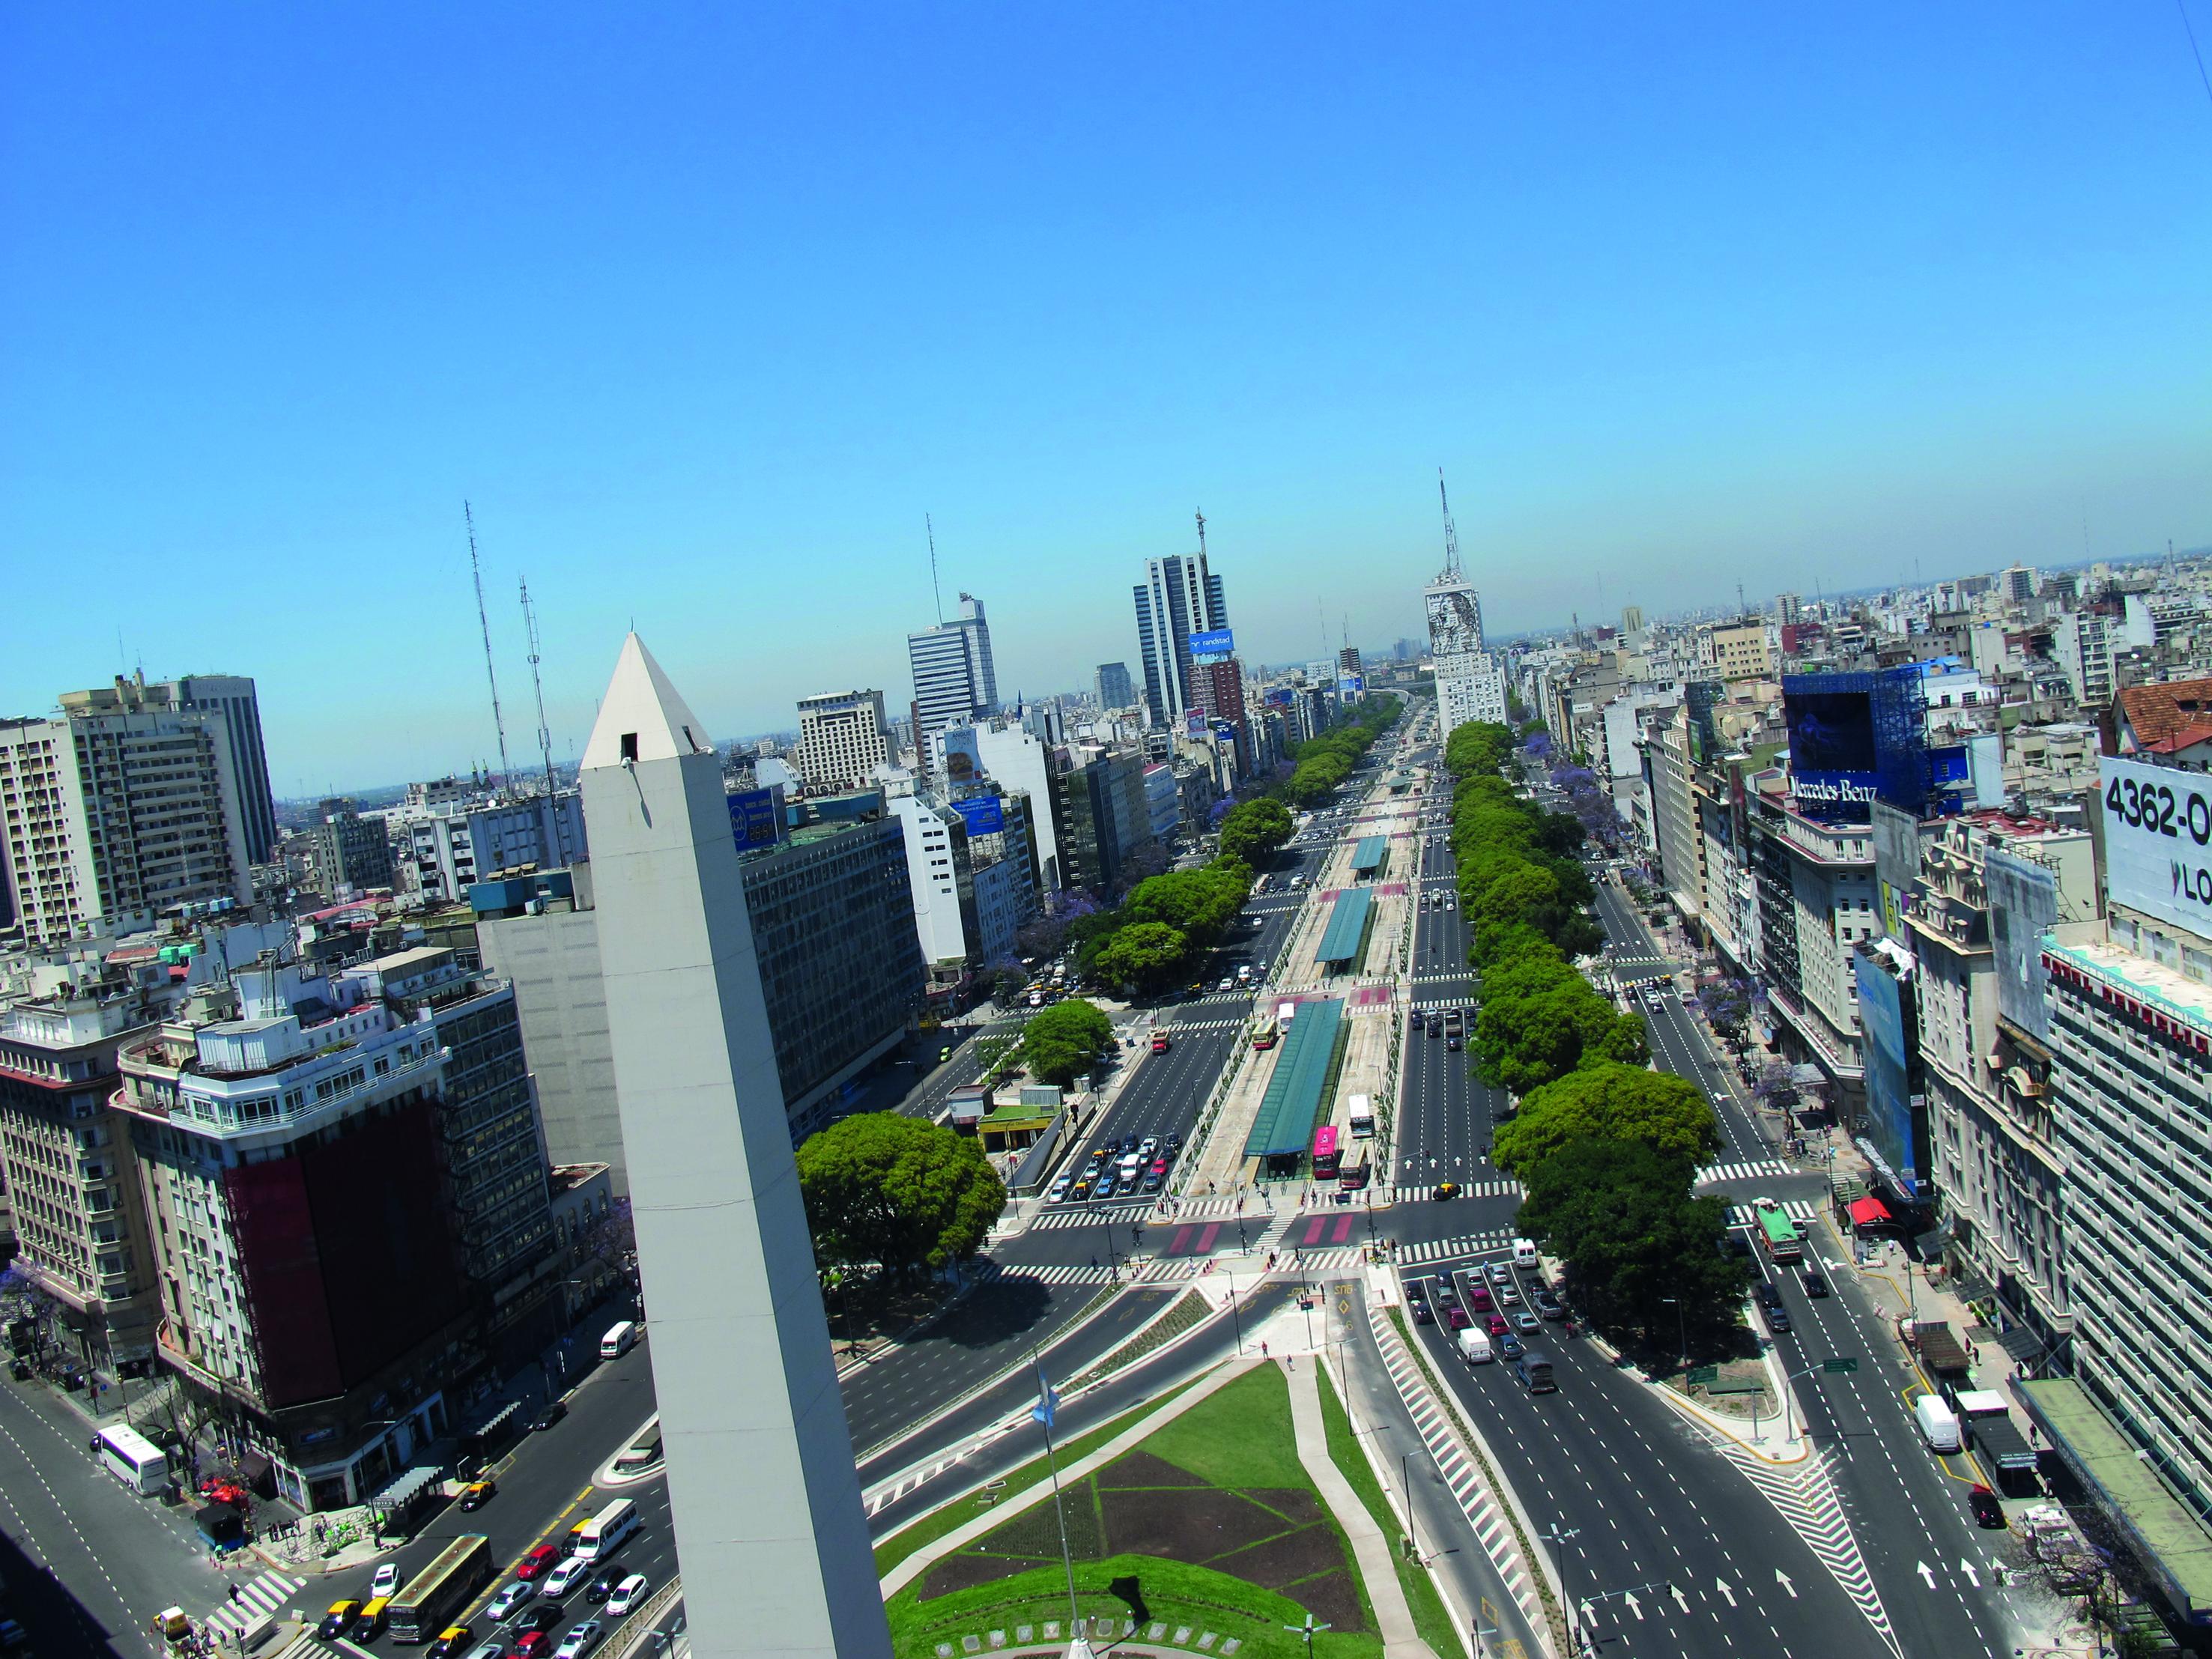 rencontres en ligne à Buenos Aires indien datant Kolkata